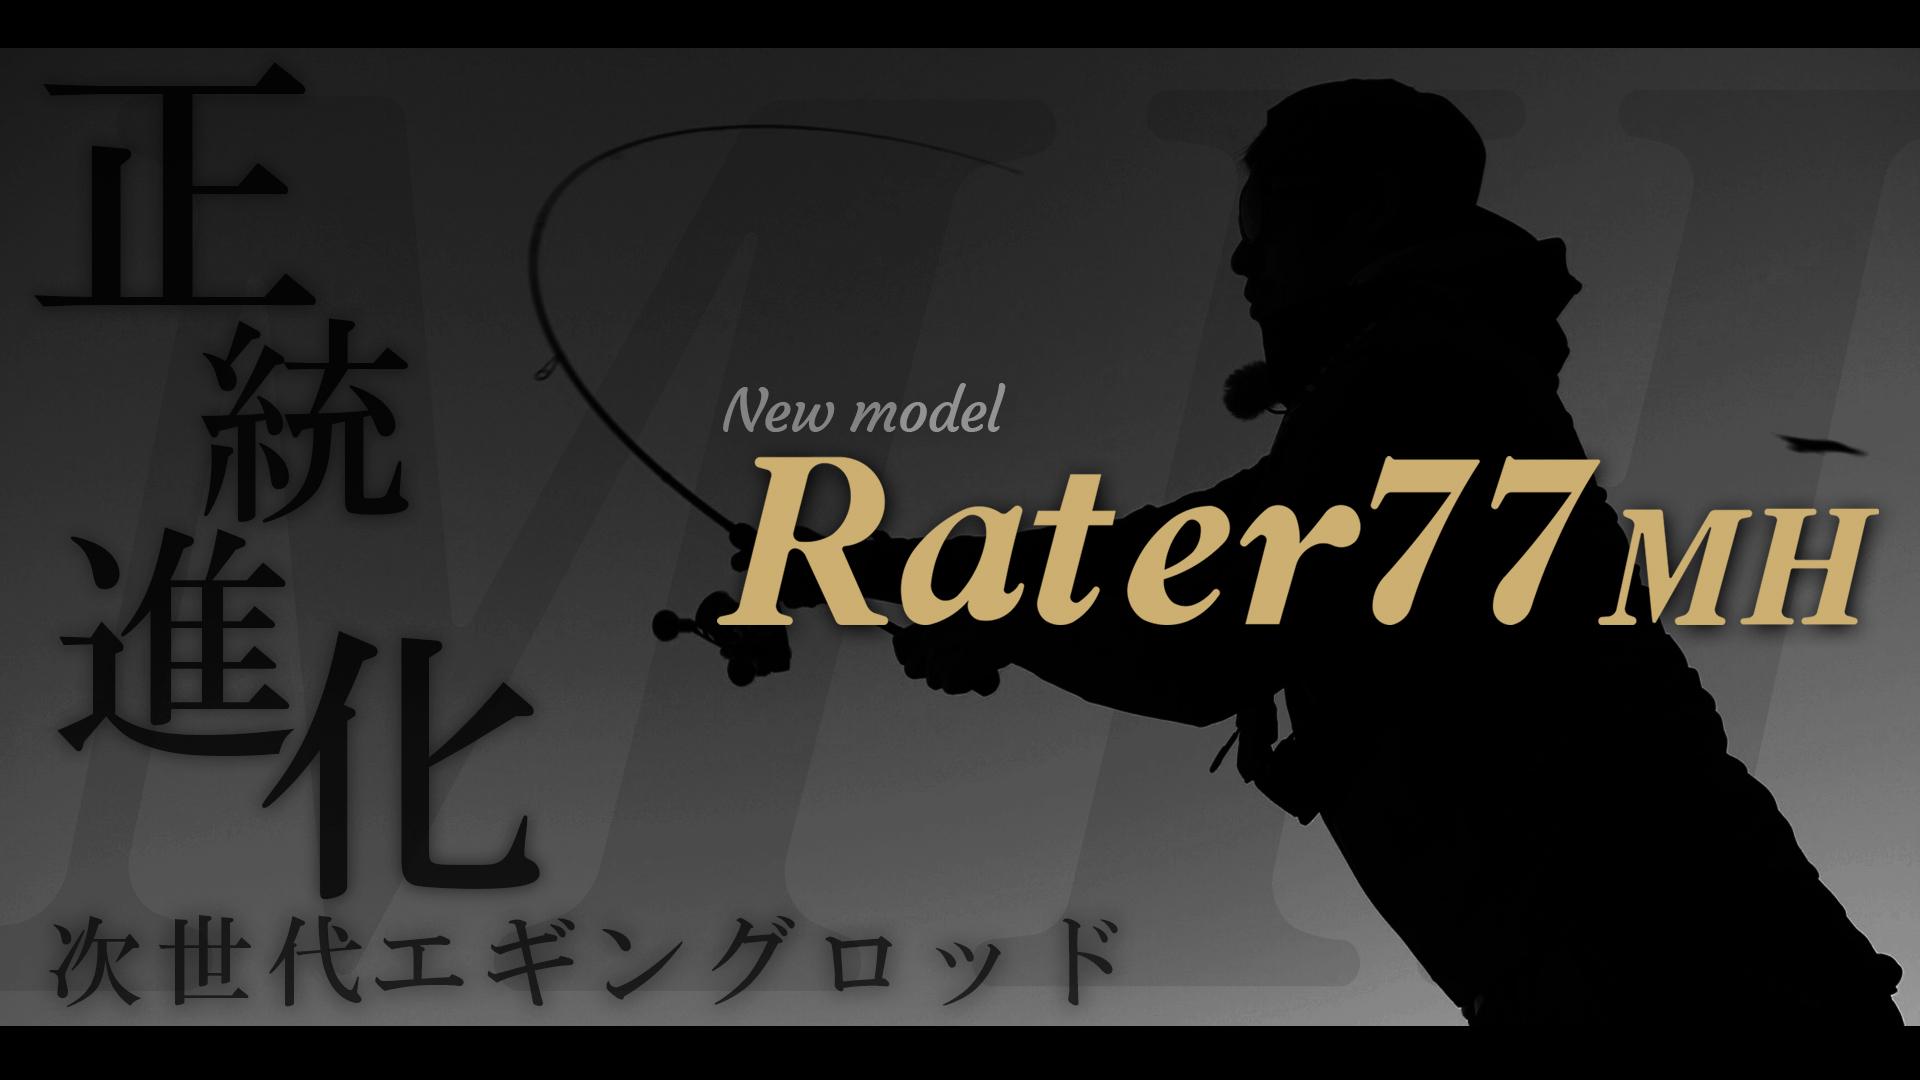 【 2021NewModel 】BLACKLION次世代エギングロッド新機種【 Rater77MH 】ラーテル77MH陸っぱりエギング